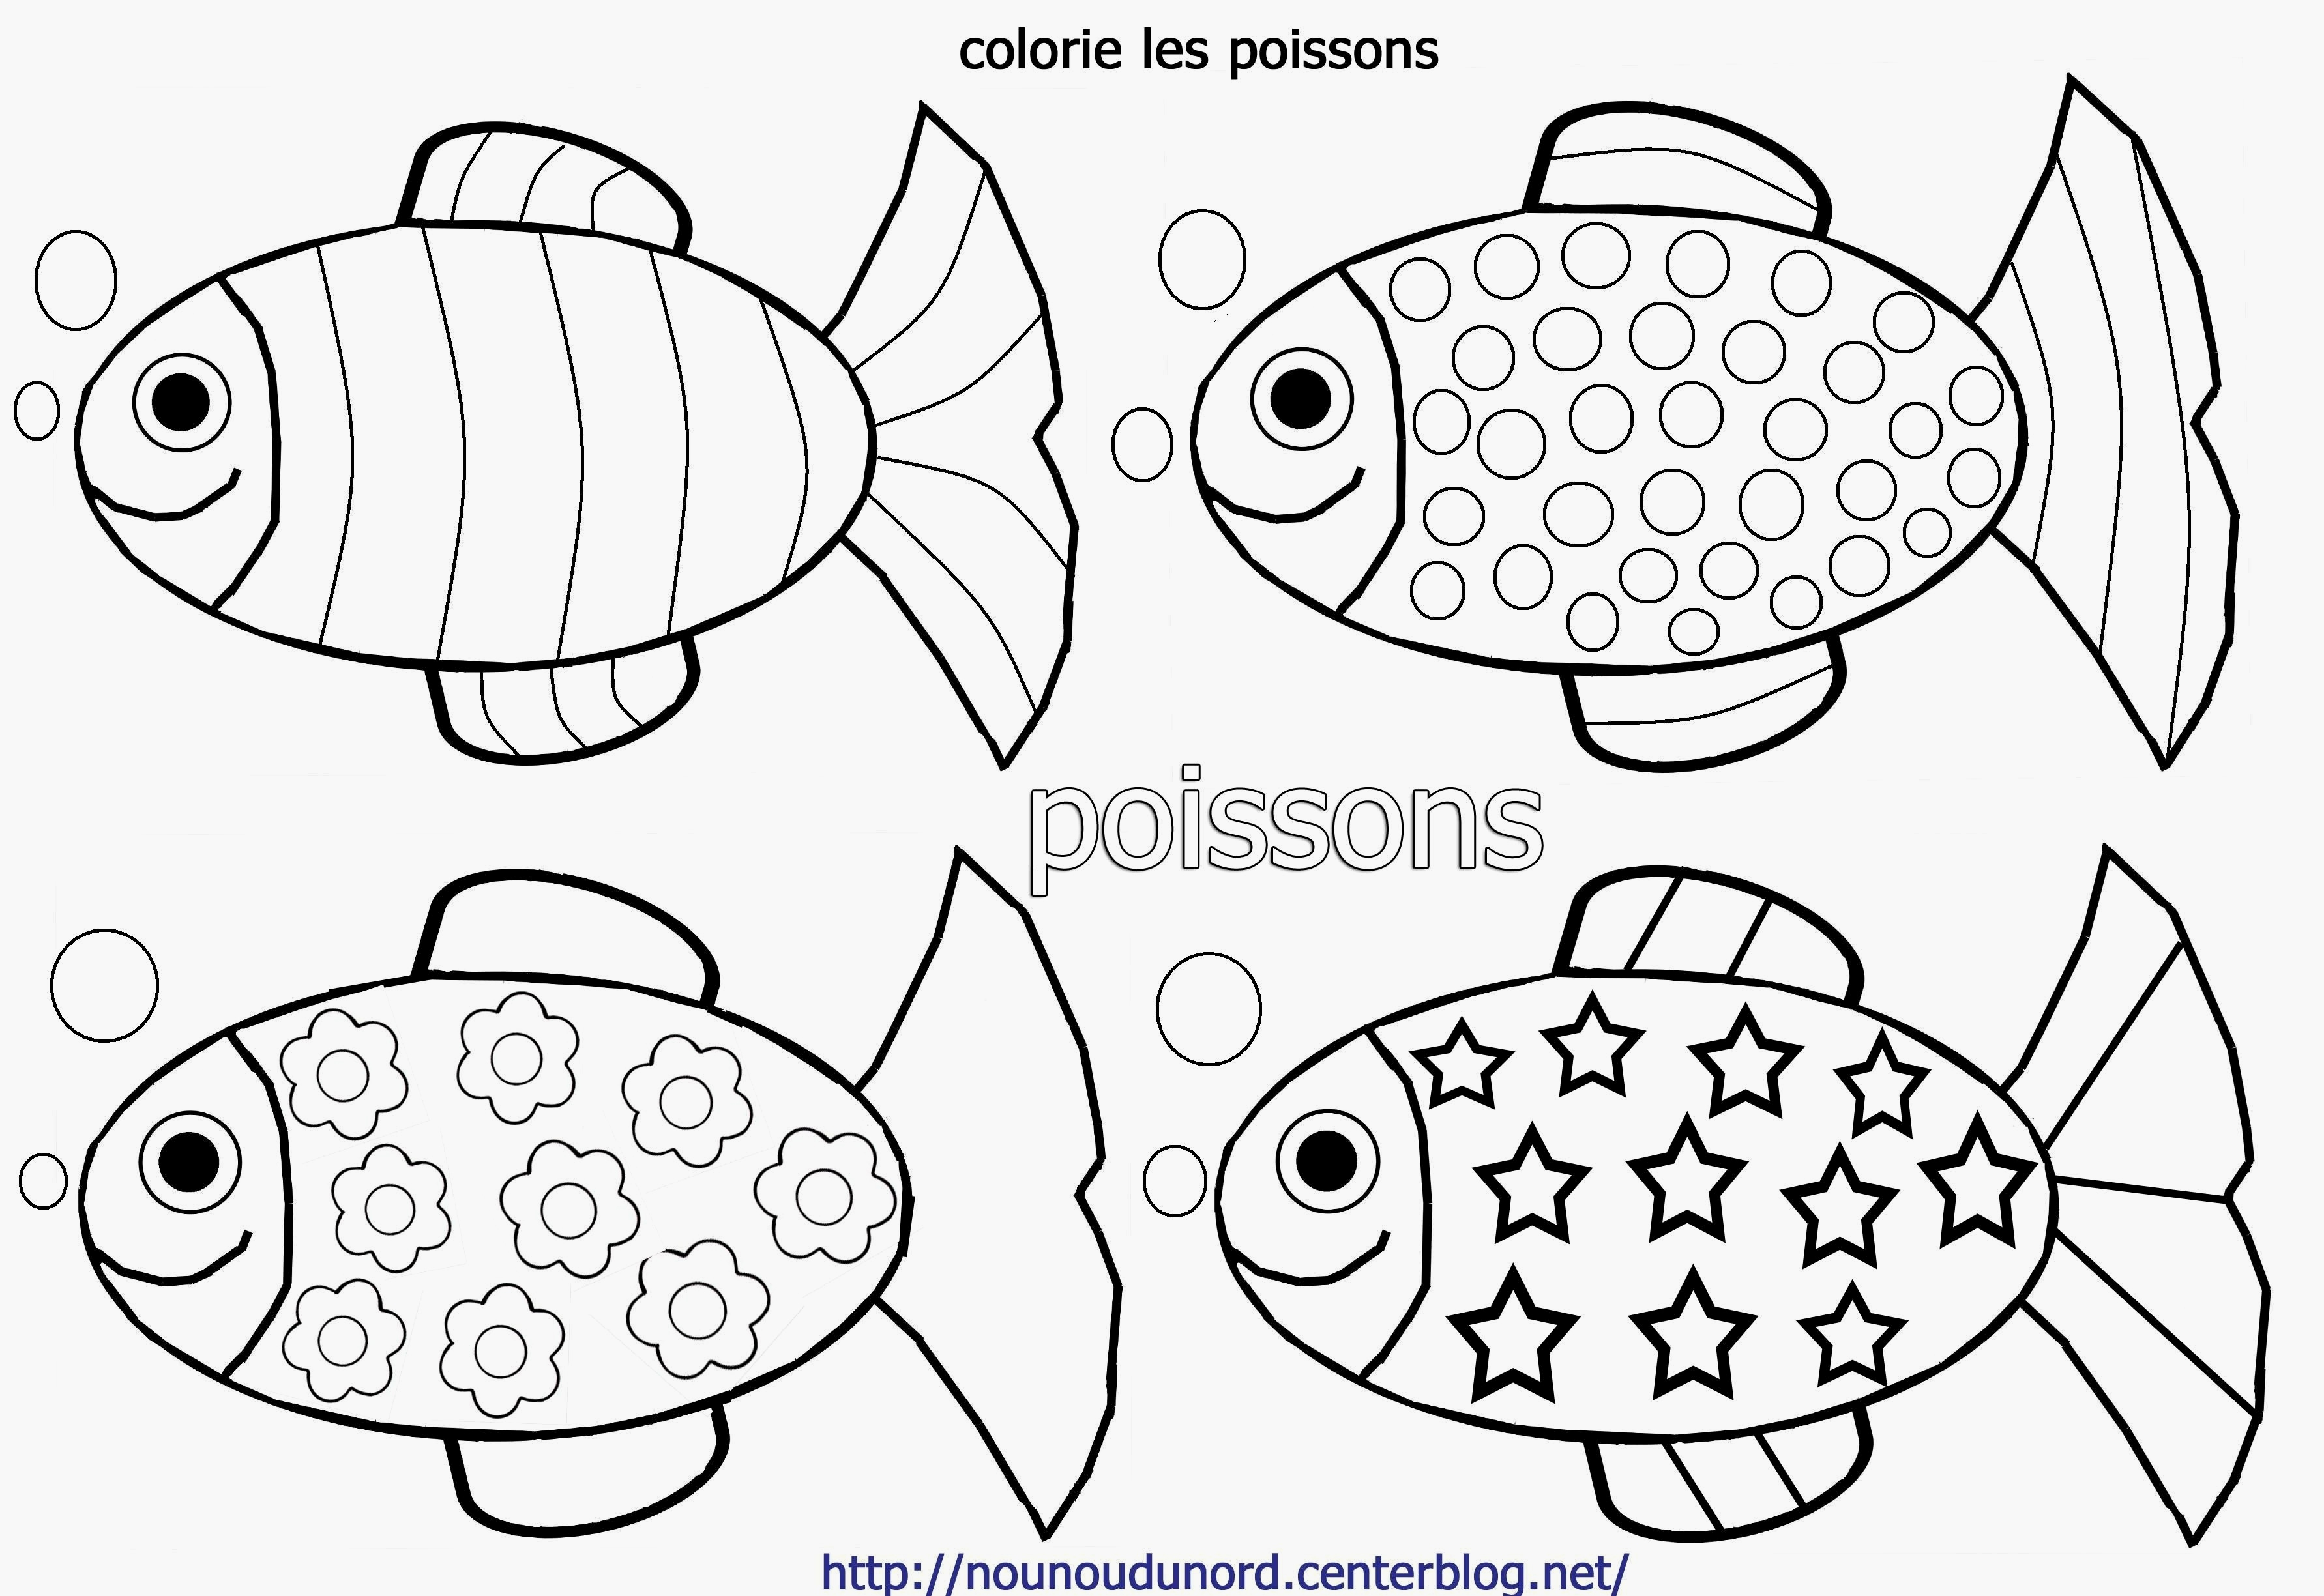 Coloriages A Imprimer Poisson Numero 80076757